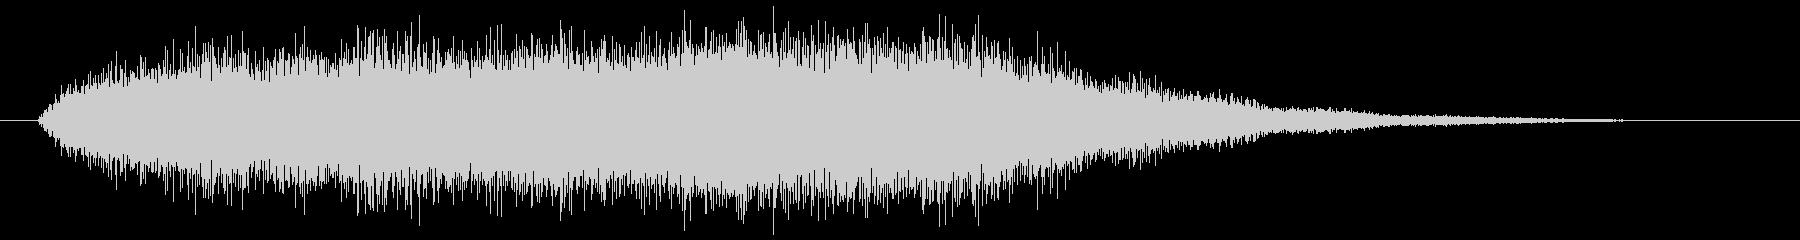 オルガンの和音が広がる音の未再生の波形